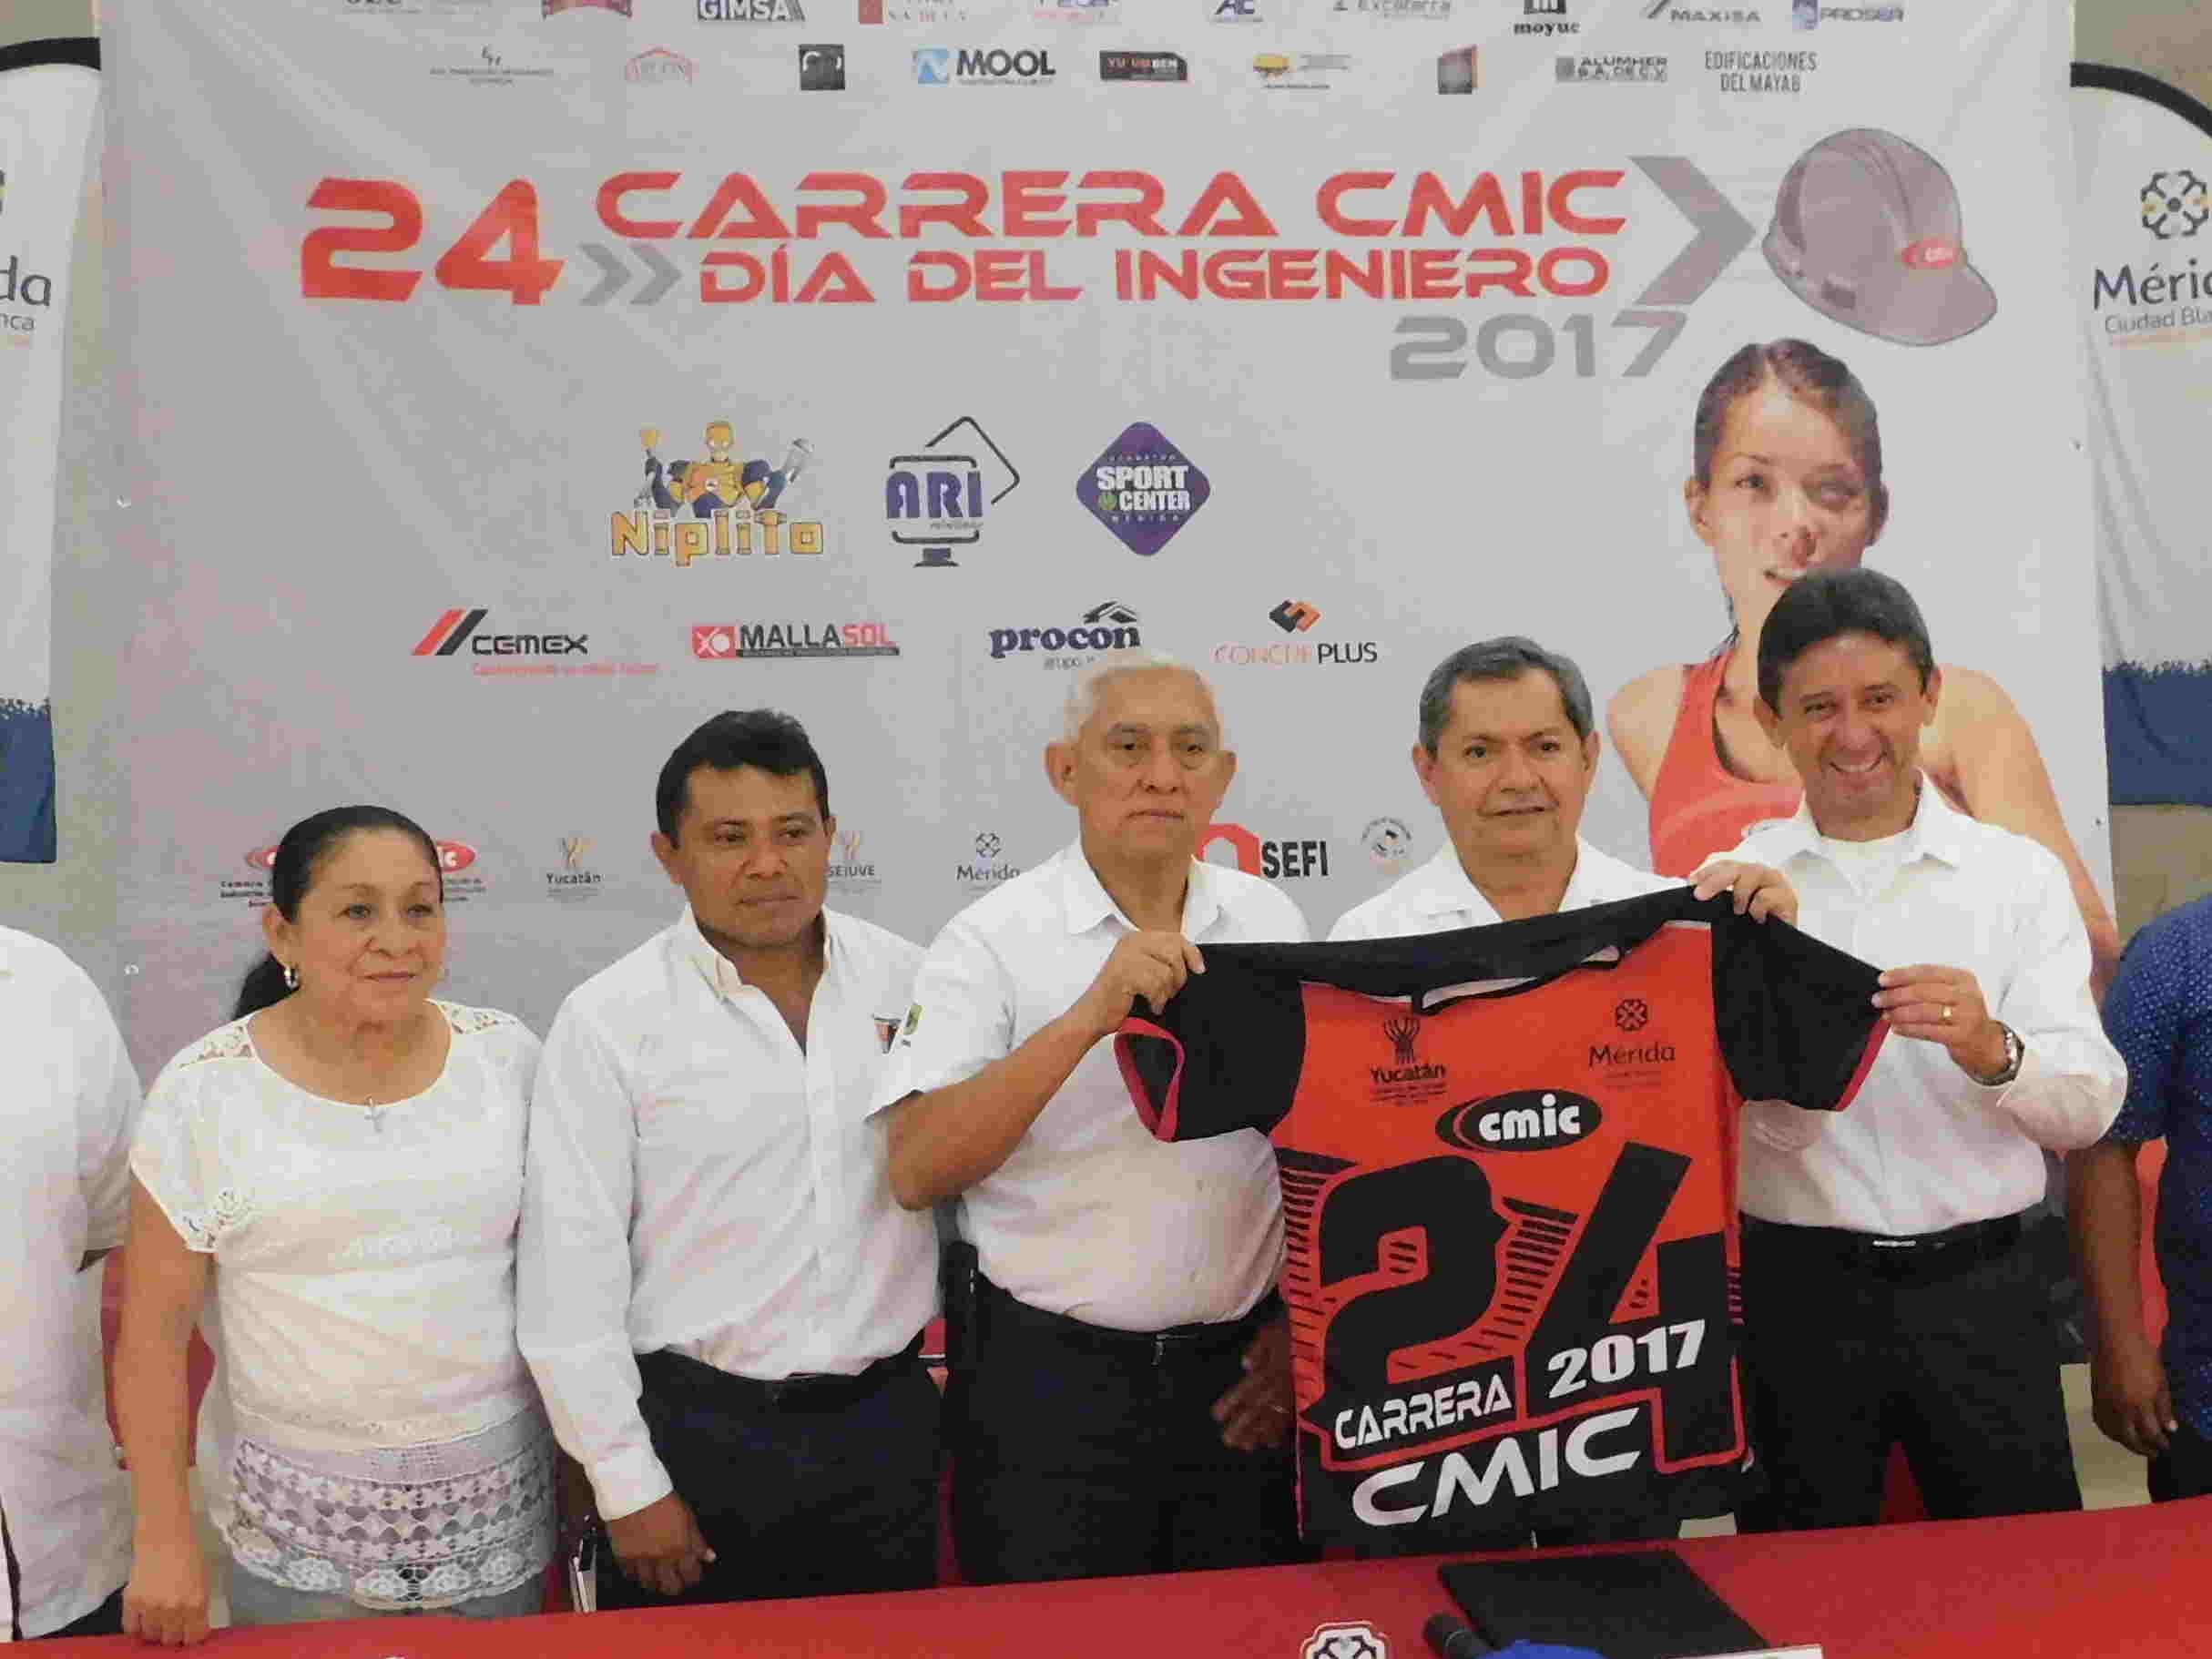 Carrera CMIC 2017